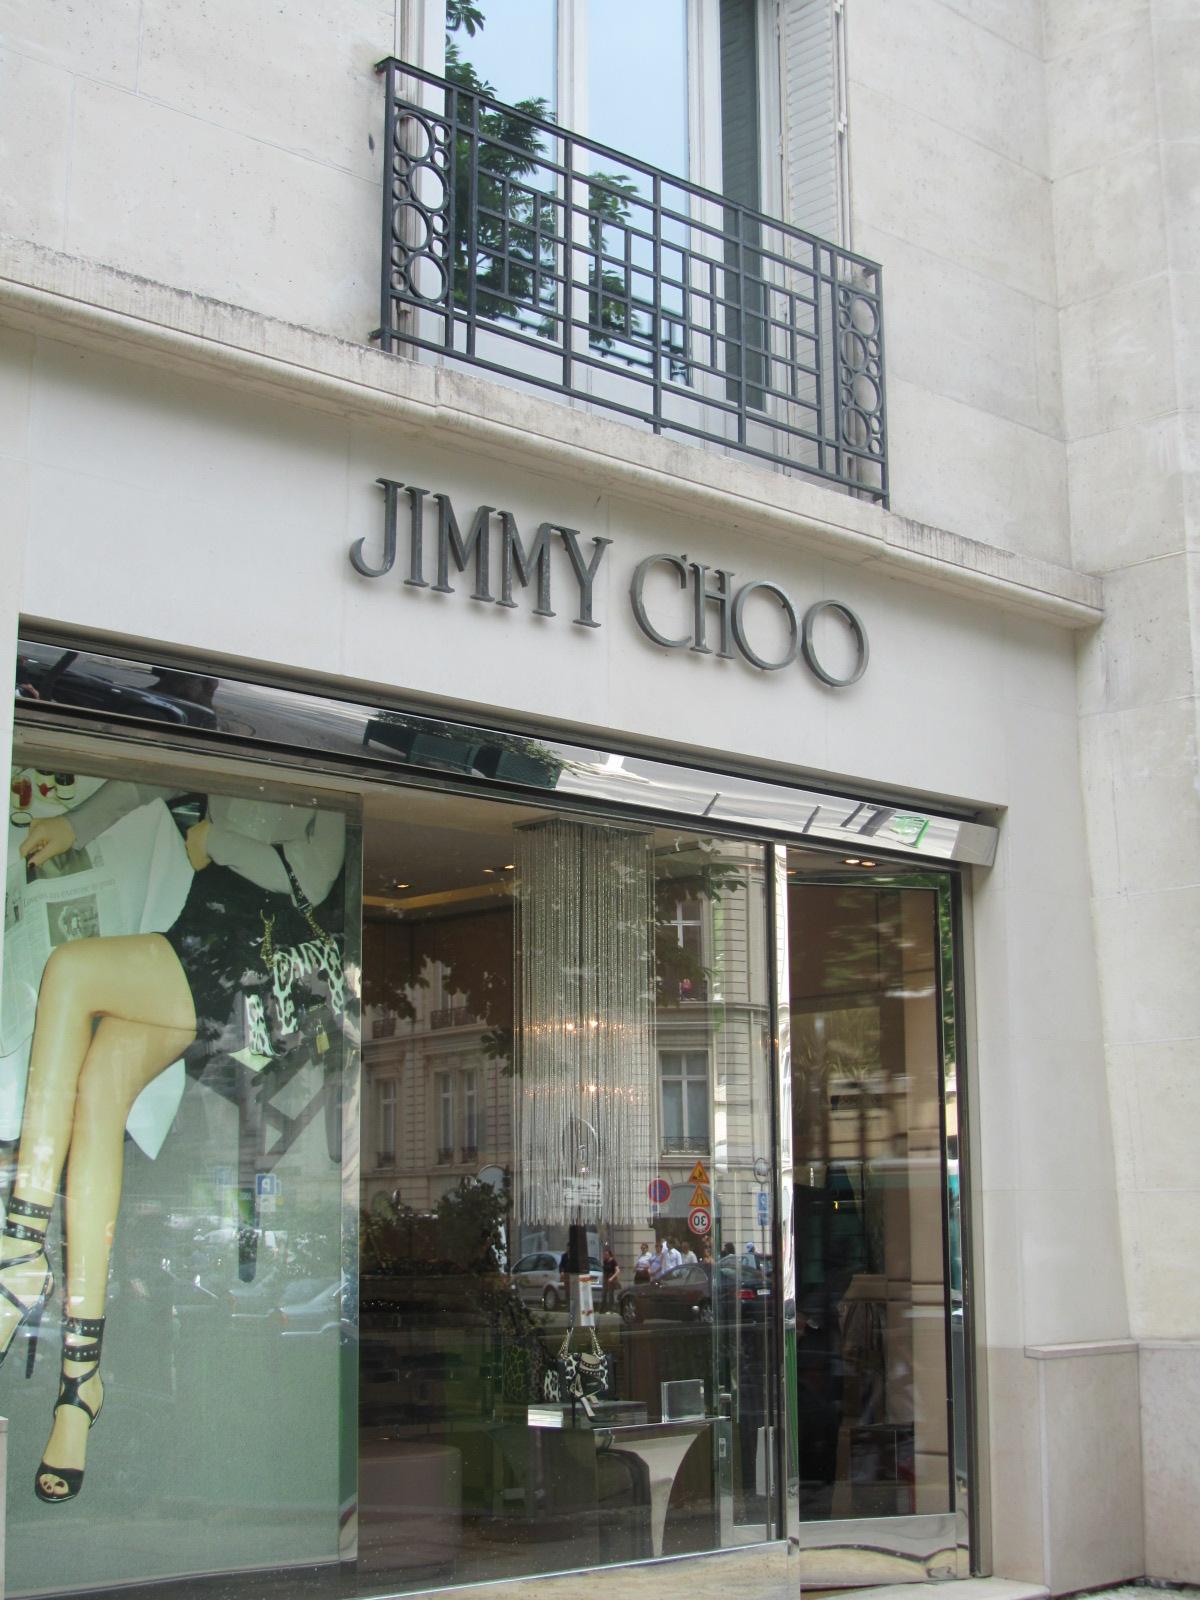 http://4.bp.blogspot.com/-Y073n81eI-0/TfPg3jE_w2I/AAAAAAAAAPM/W4c6edaAtes/s1600/Jimmy+Choo+Paris+Designer+shopping.jpg